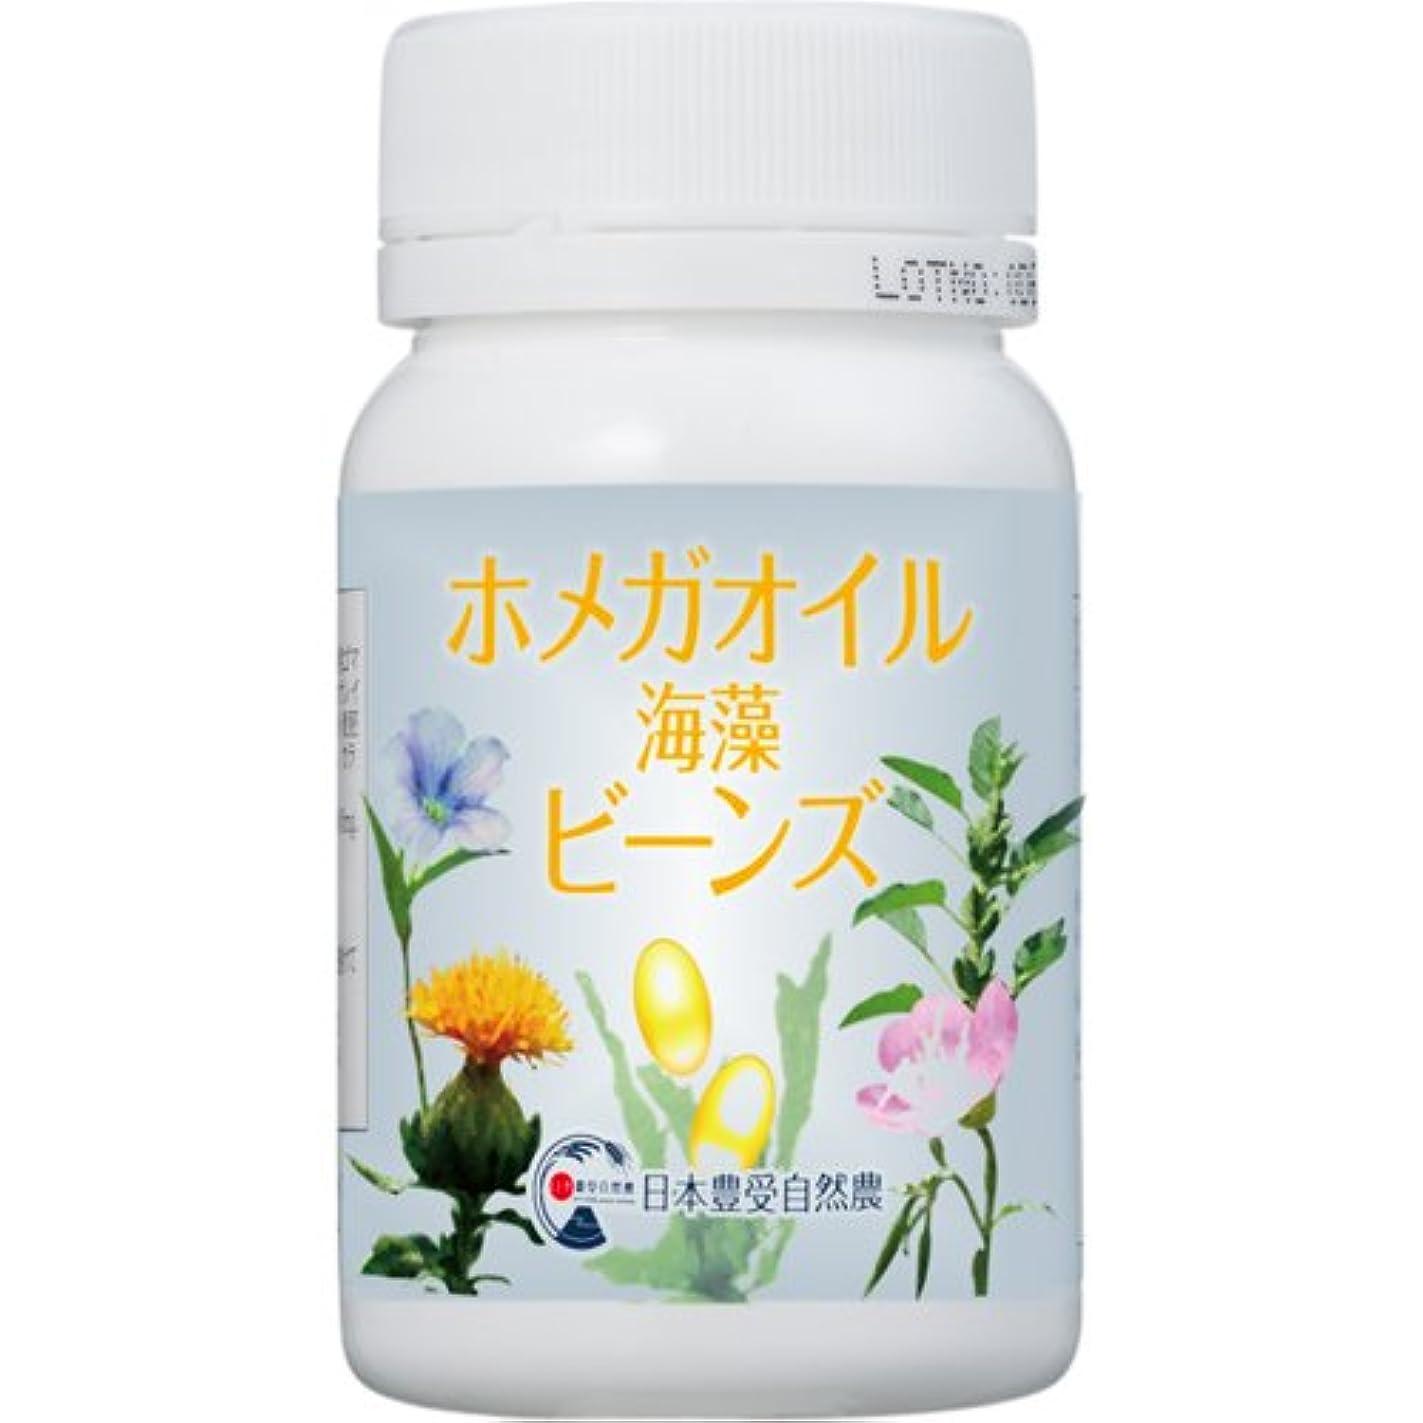 たまに美徳請う日本豊受自然農 ホメガオイル海藻ビーンズ 約90粒